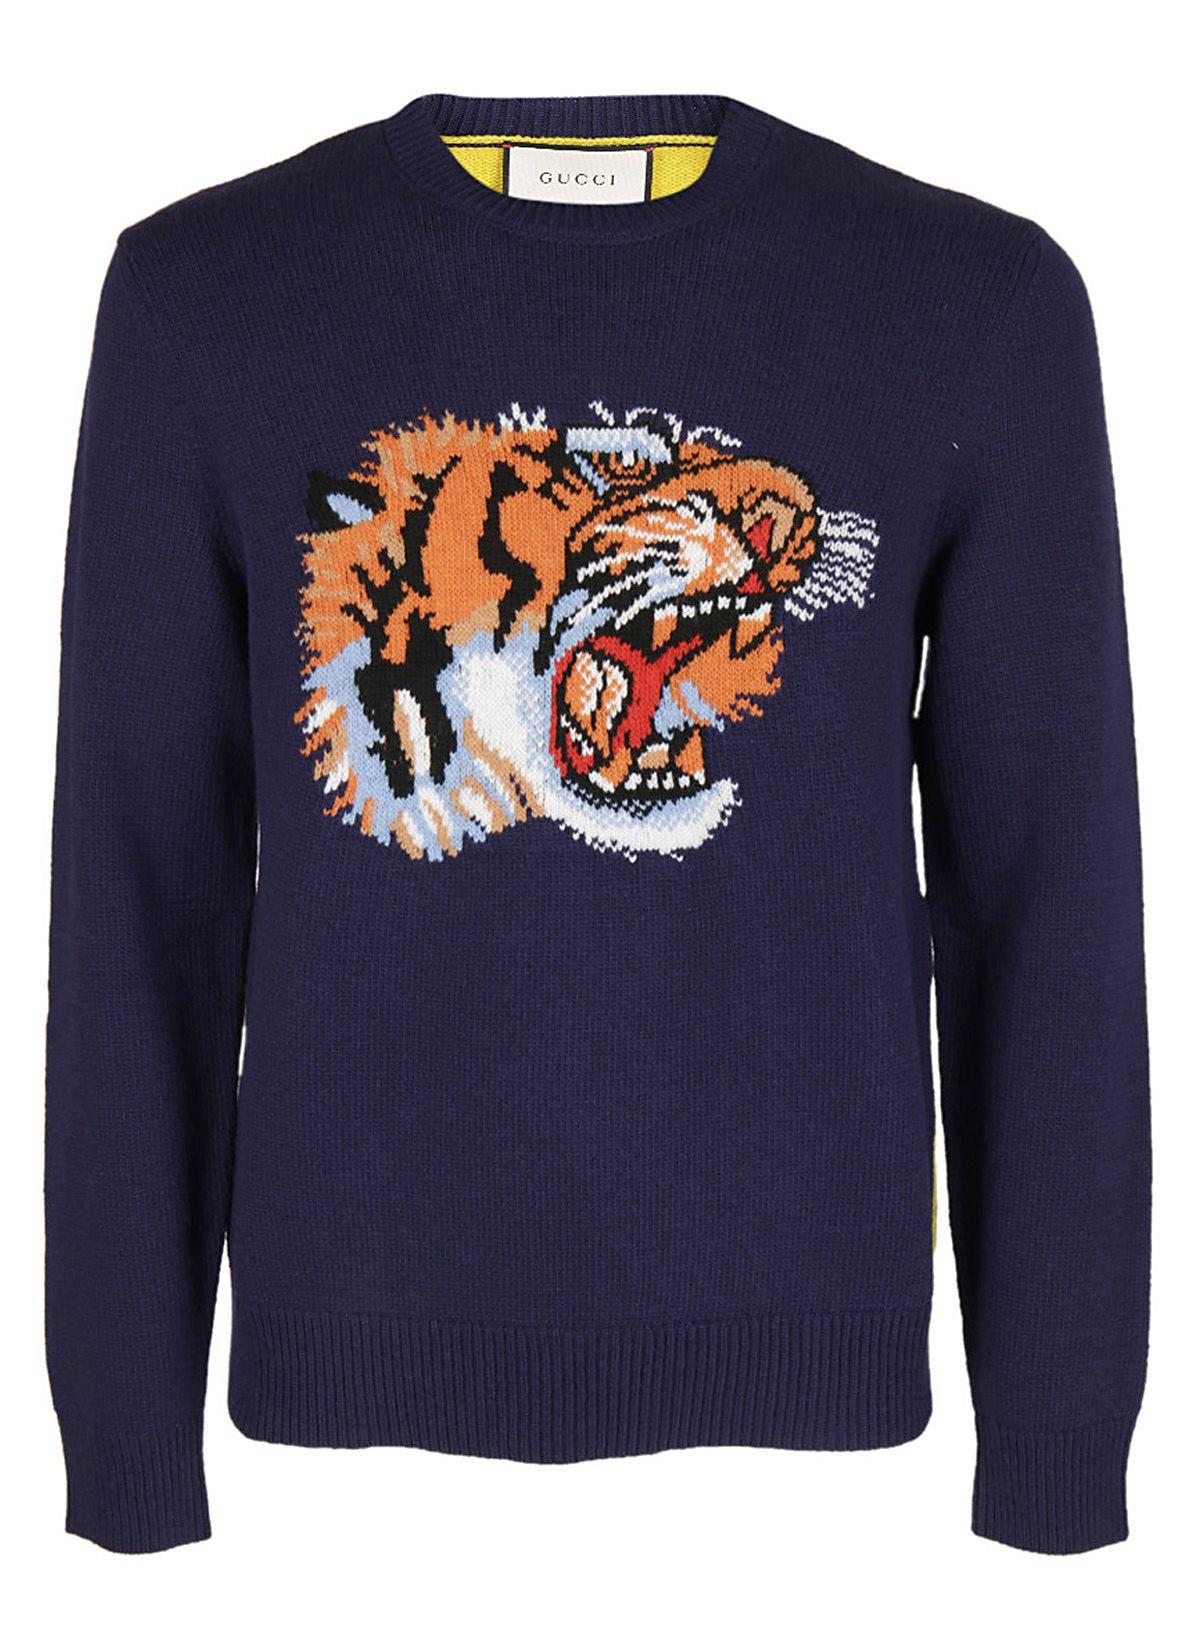 Gucci Gucci Tiger Intarsia Sweater